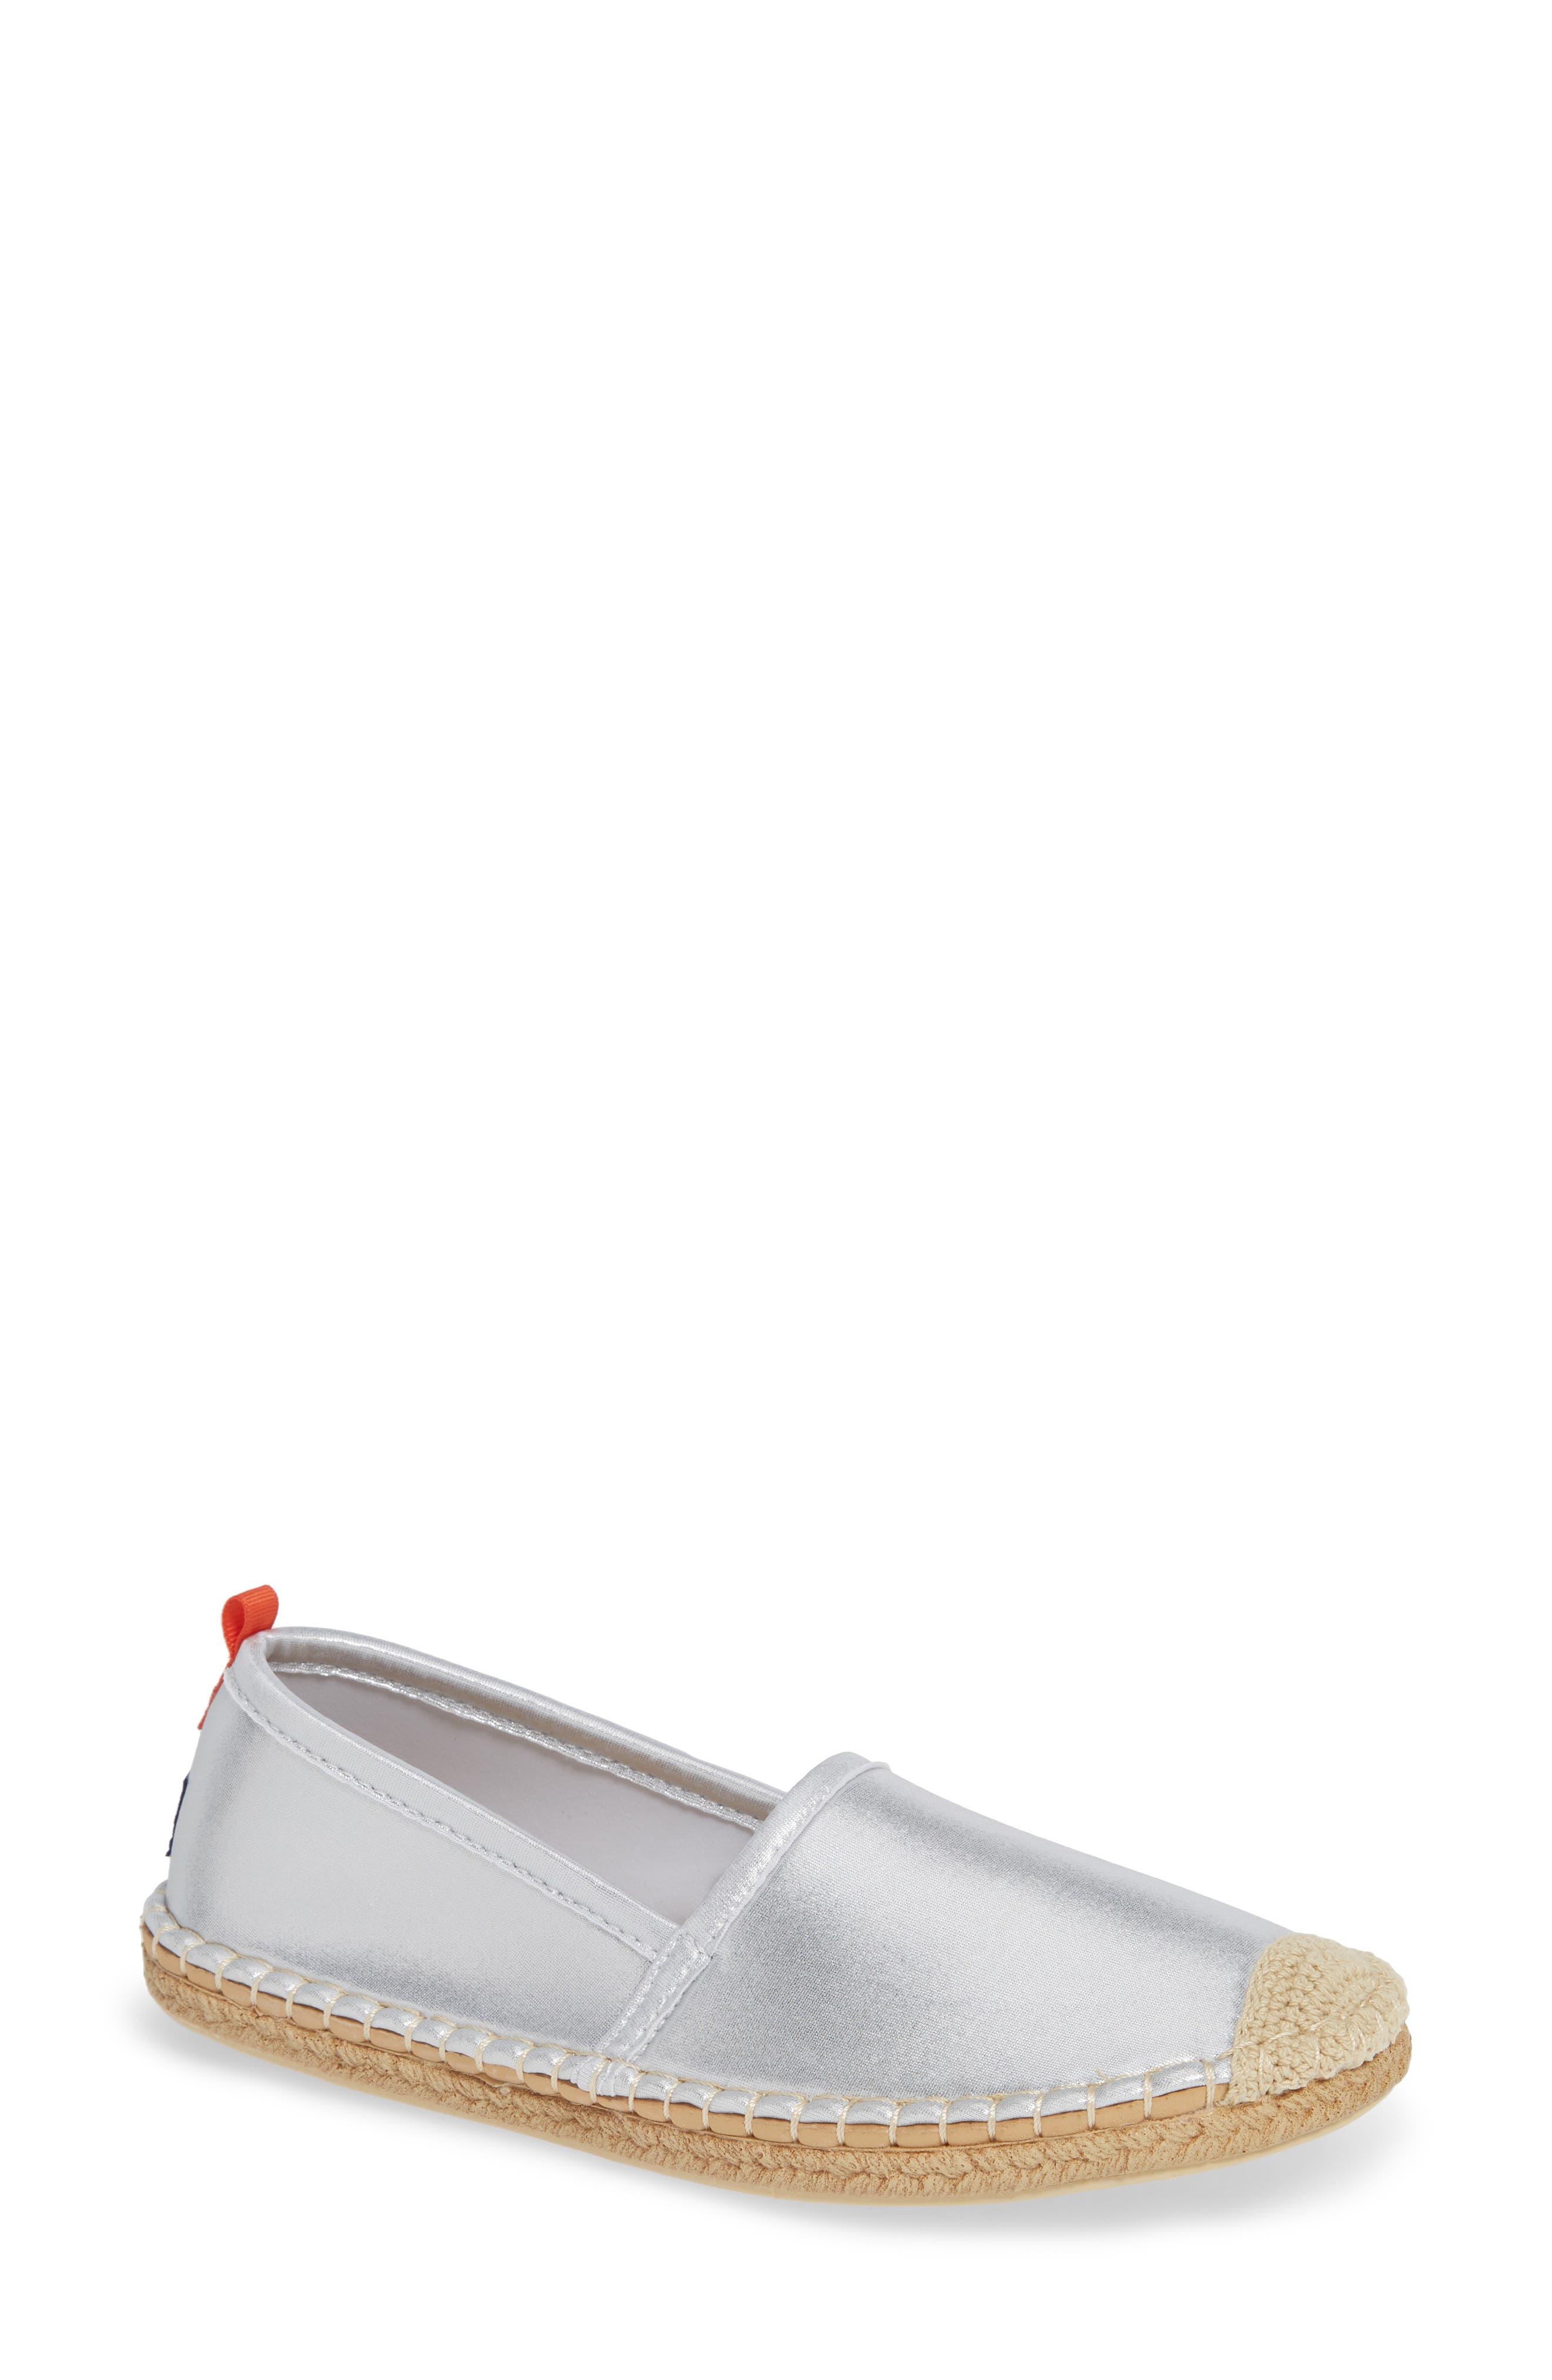 Beachcomber Espadrille Water Shoe in Platinum Neoprene